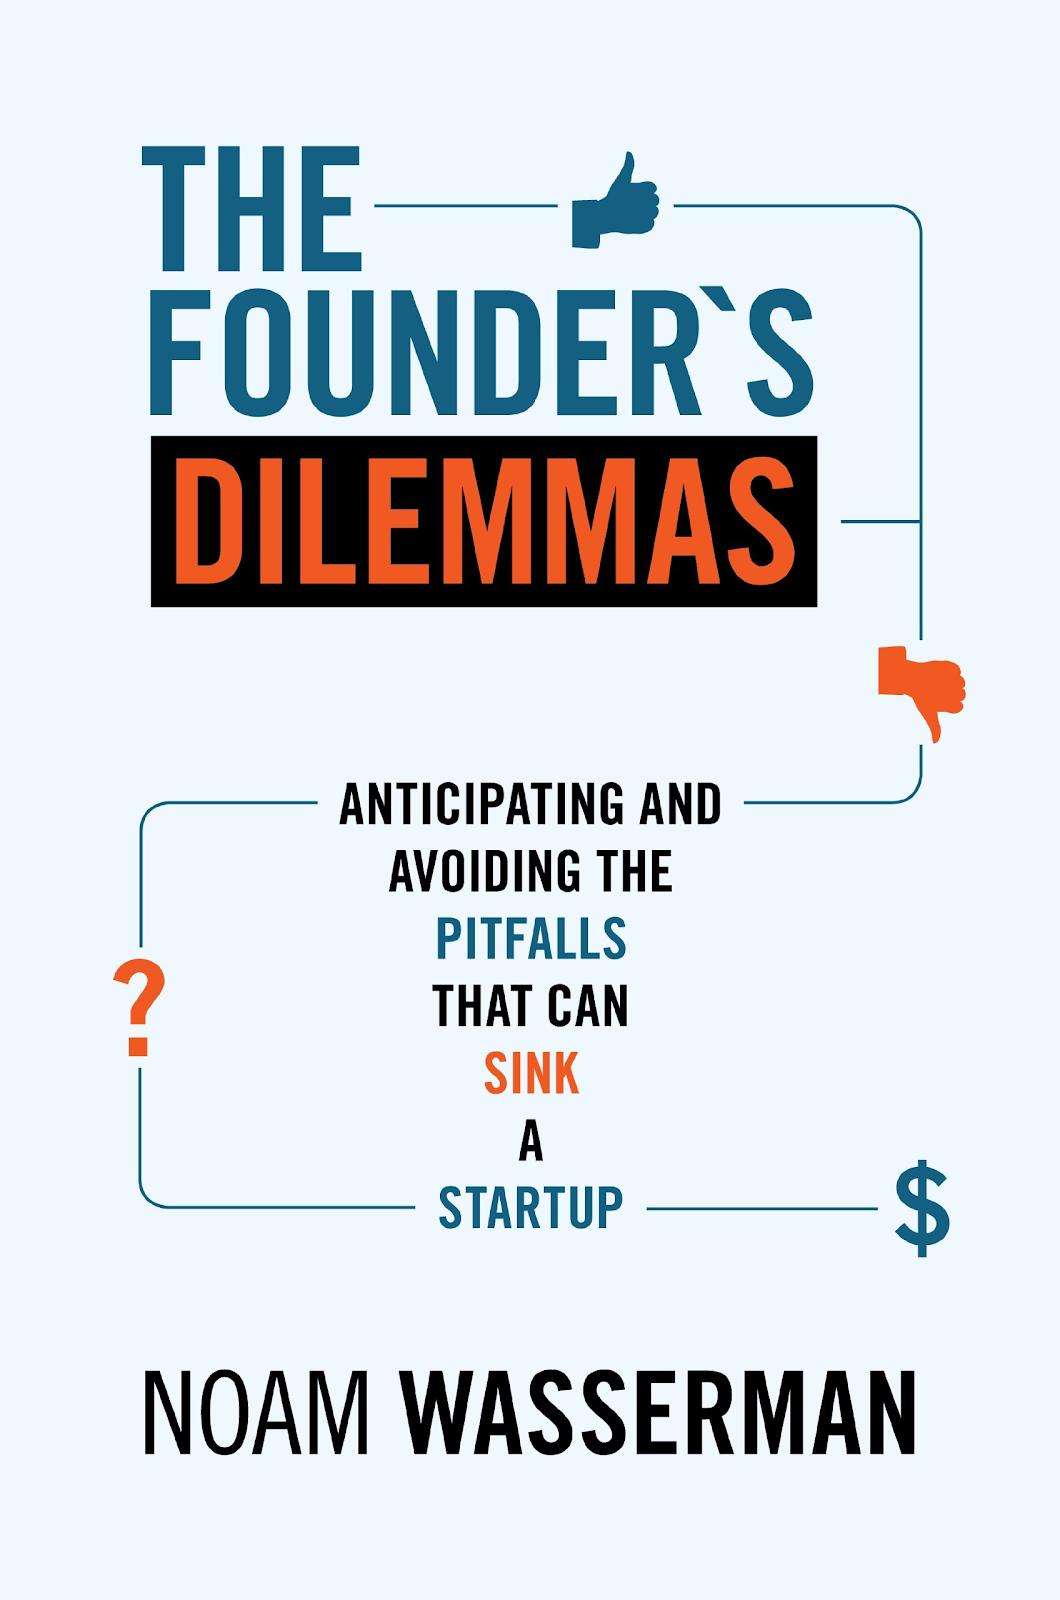 Best audio books for entrepreneurs #5: The Founder's Dilemmas